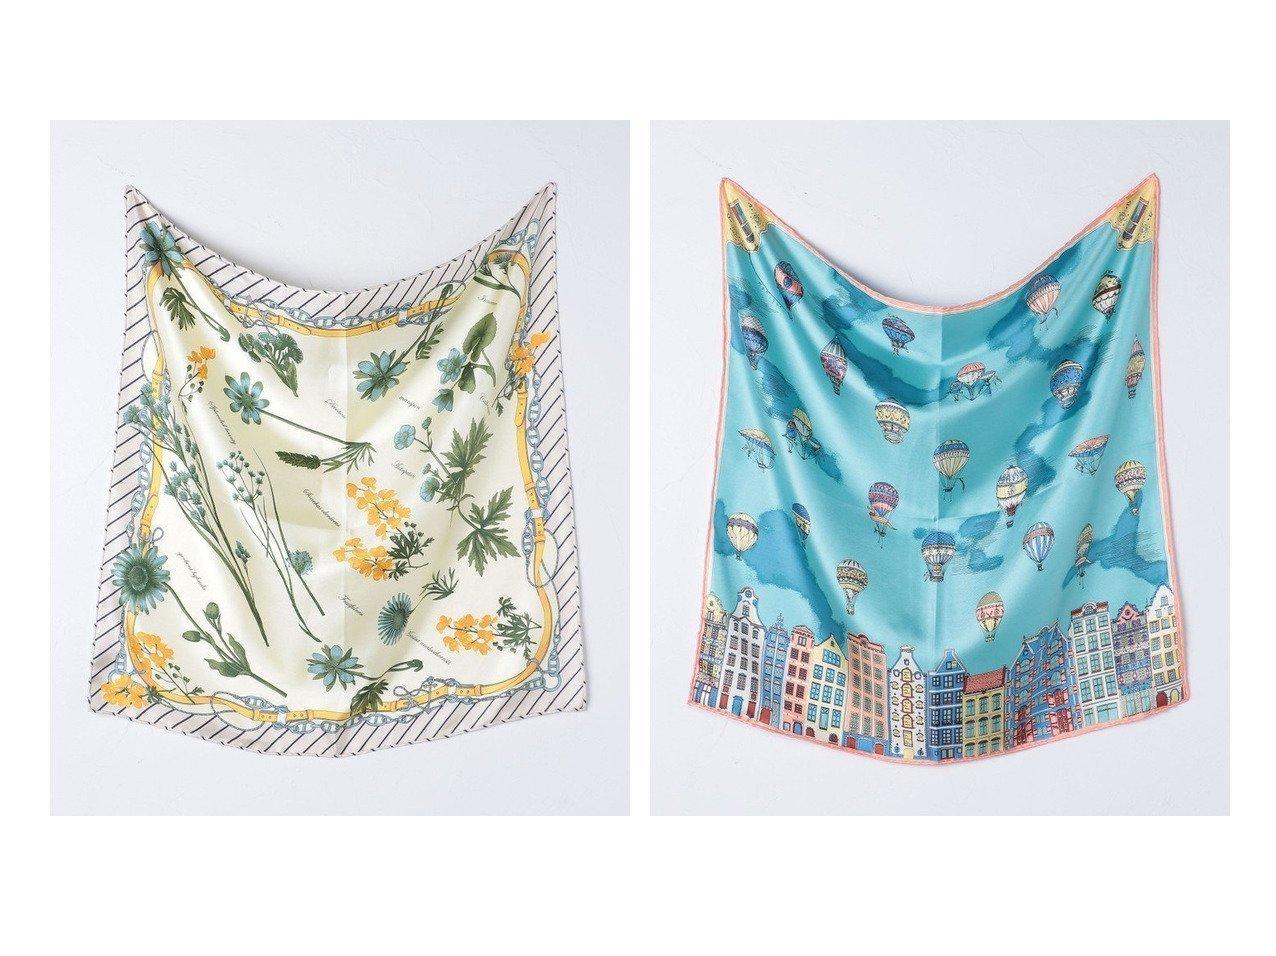 【UNITED ARROWS/ユナイテッドアローズ】のSiLK スカーフ 21SS UNITED ARROWSのおすすめ!人気、トレンド・レディースファッションの通販 おすすめで人気の流行・トレンド、ファッションの通販商品 メンズファッション・キッズファッション・インテリア・家具・レディースファッション・服の通販 founy(ファニー) https://founy.com/ ファッション Fashion レディースファッション WOMEN ストール Scarves マフラー Mufflers 2021年 2021 2021 春夏 S/S SS Spring/Summer 2021 S/S 春夏 SS Spring/Summer スカーフ ストール パターン マフラー ワンポイント 人気 春 Spring  ID:crp329100000019602